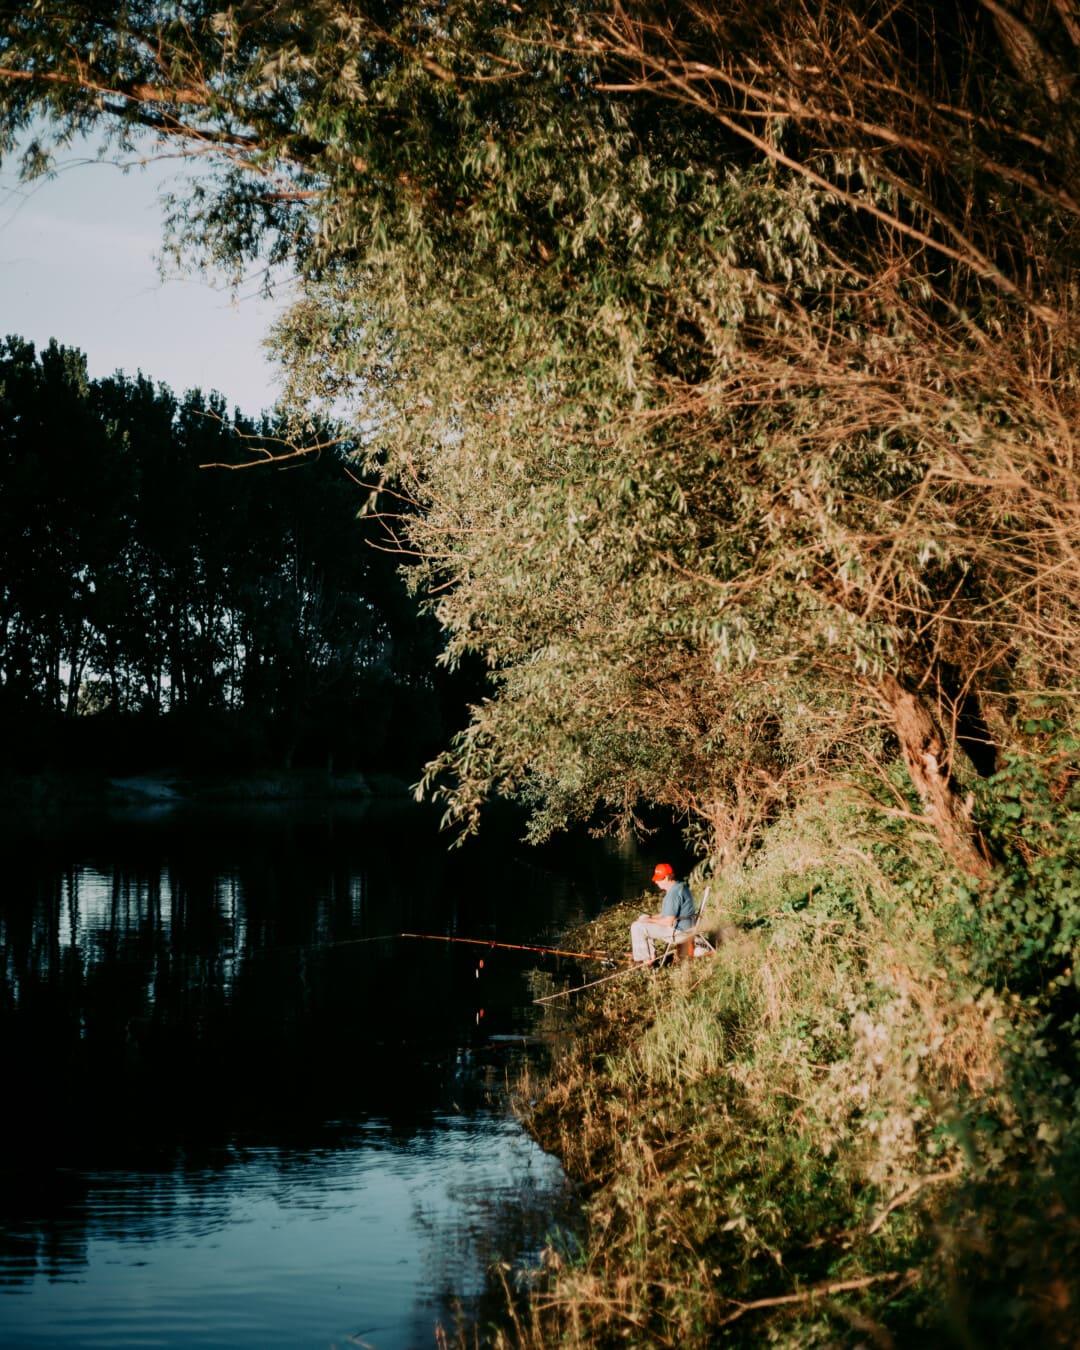 pêche, pêcheur, rivière, berge, canne à pêche, Lac, eau, forêt, arbres, arbre